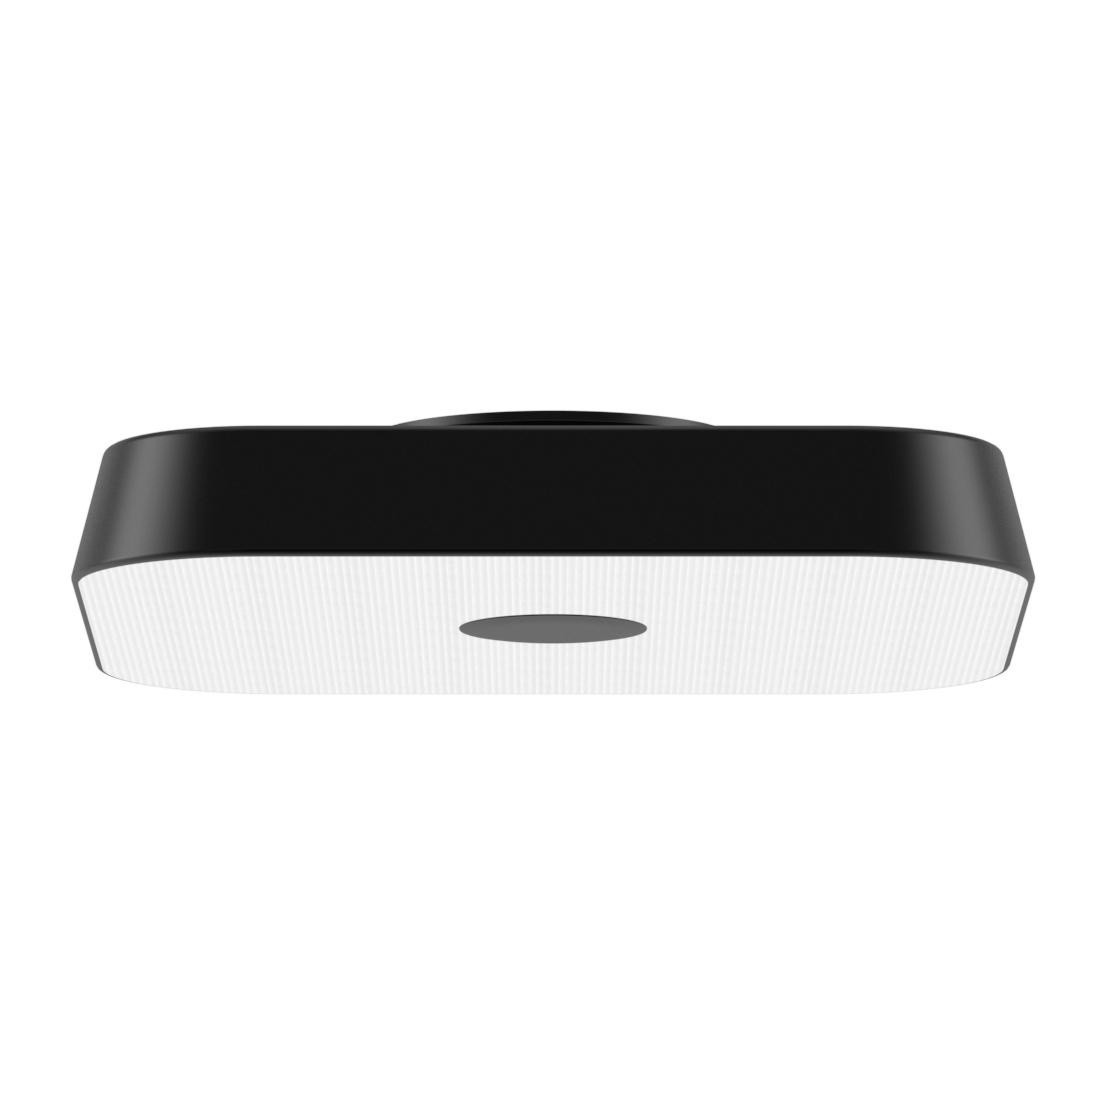 Koi de Lámpara Q techo LED eBrodCx